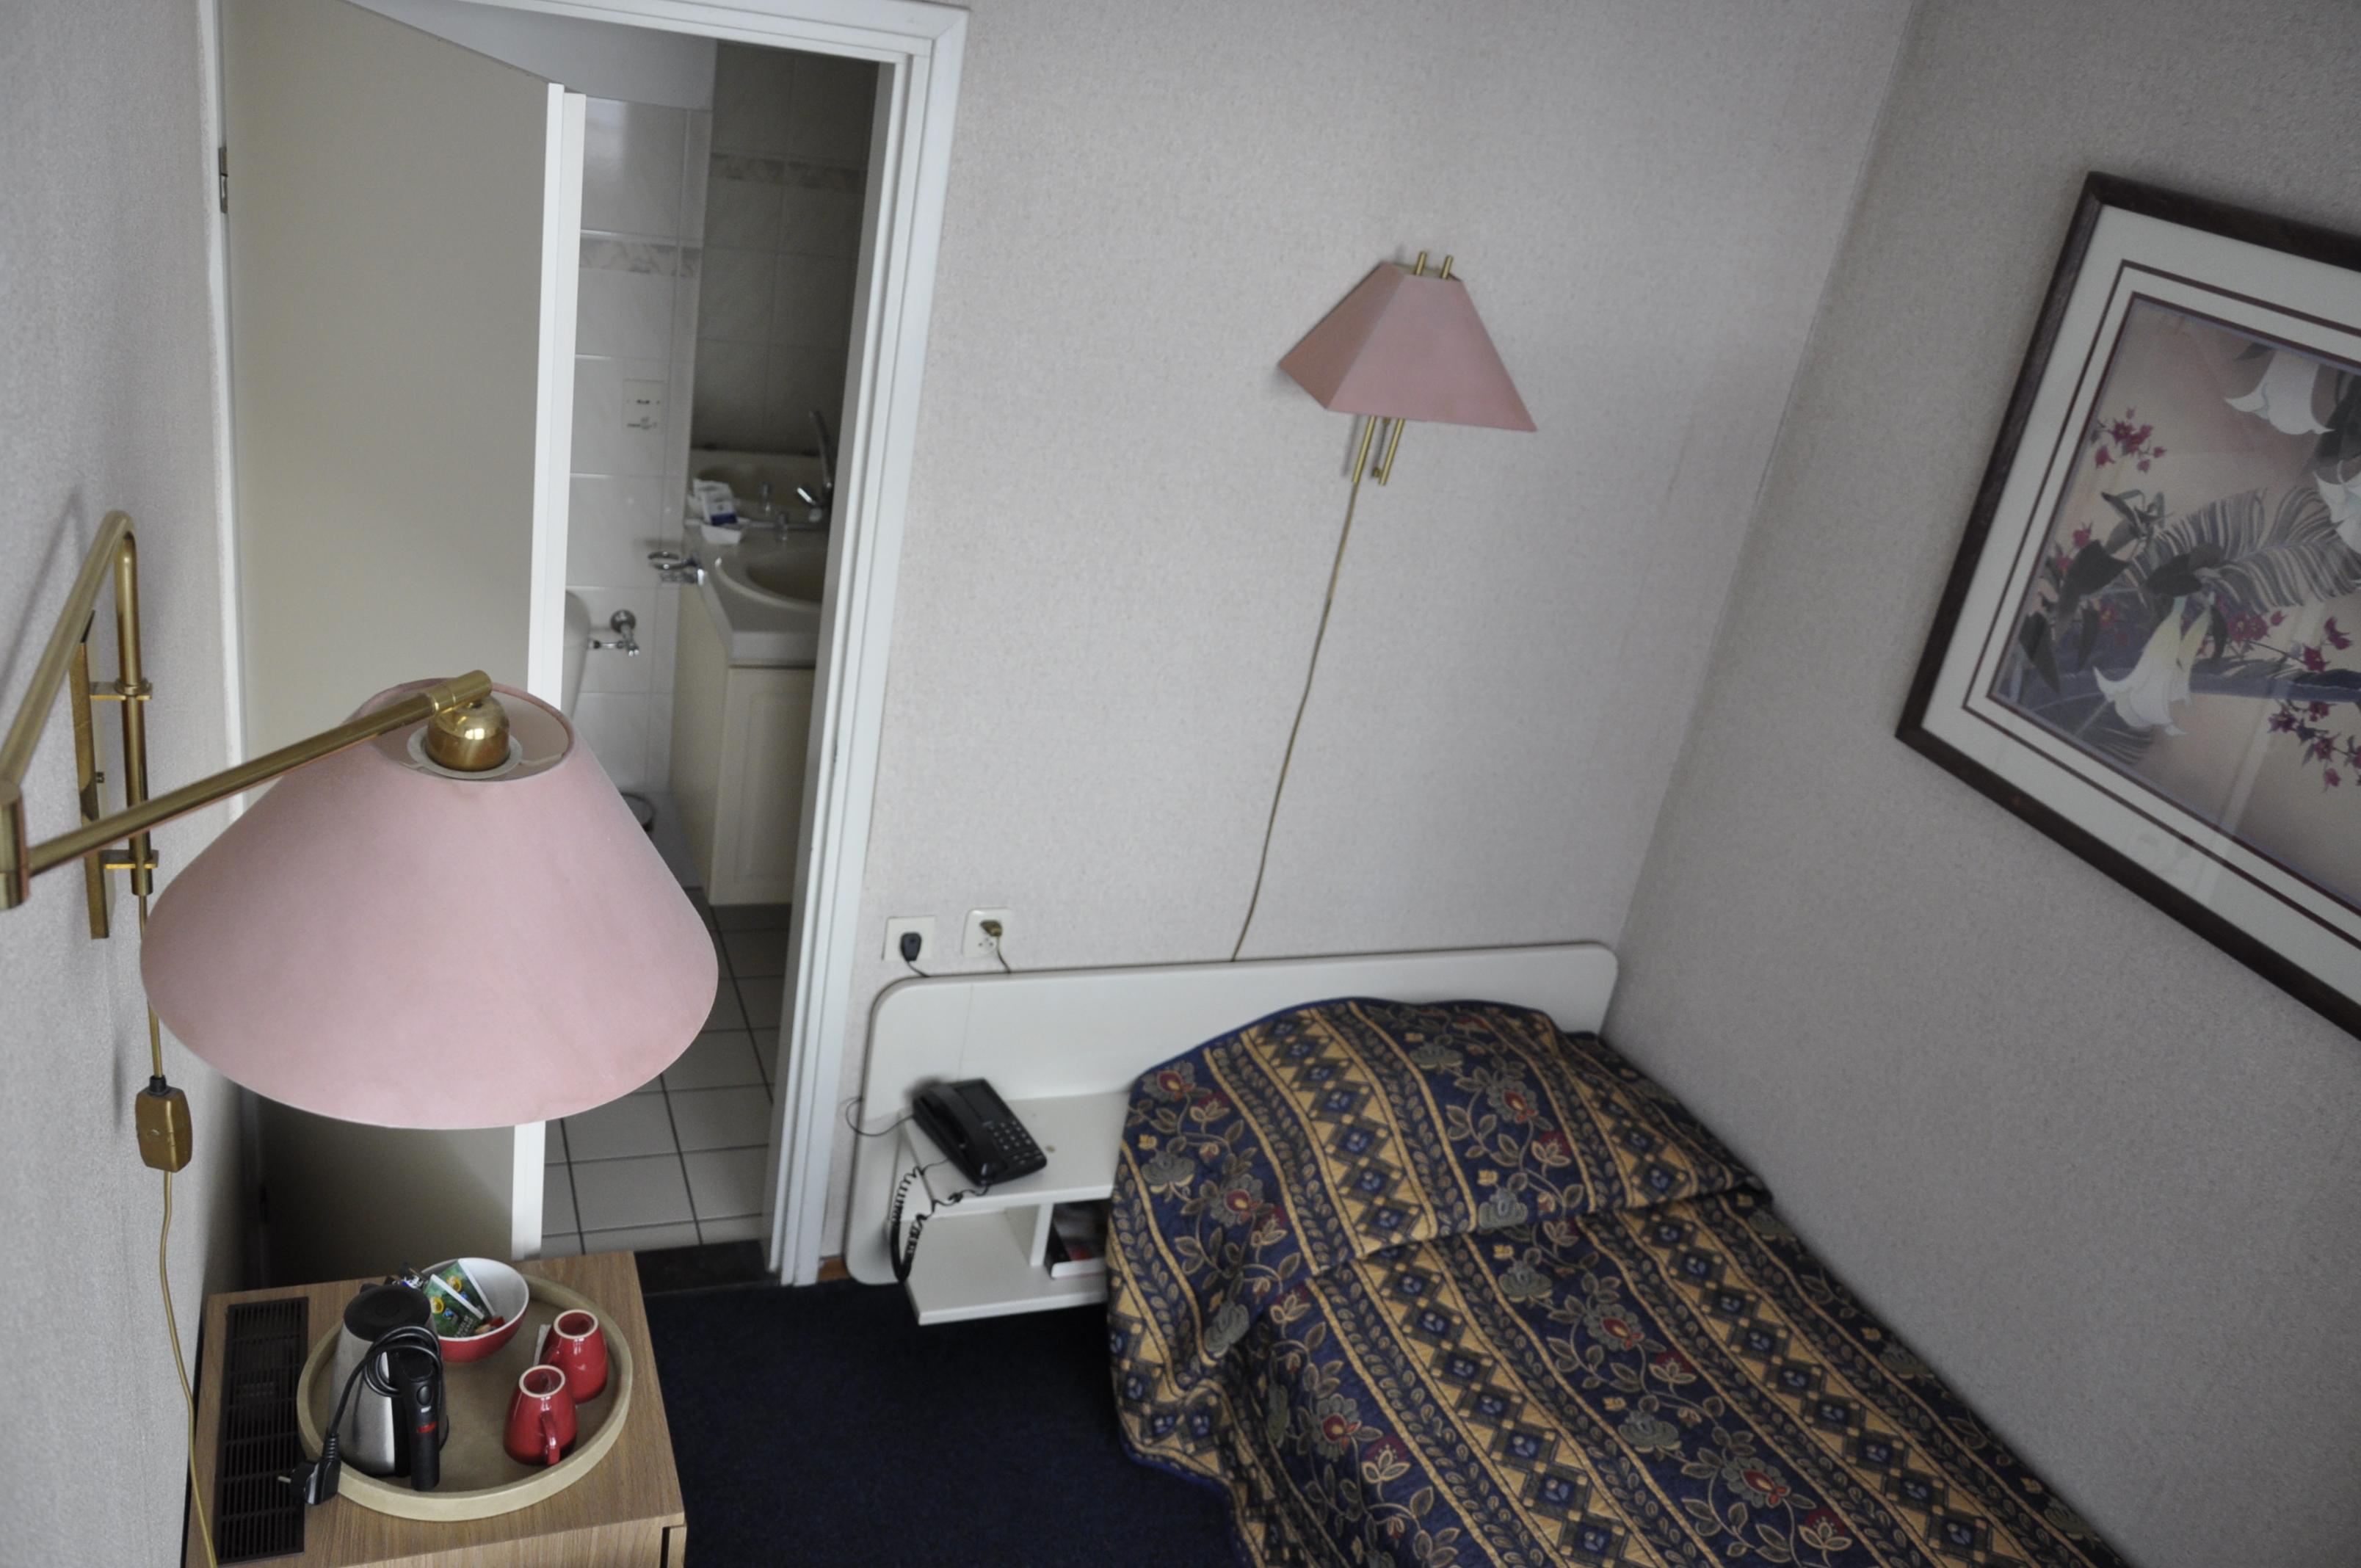 http://www.hotelmayflower.nl/wp-content/uploads/2016/01/DSC0016.jpg